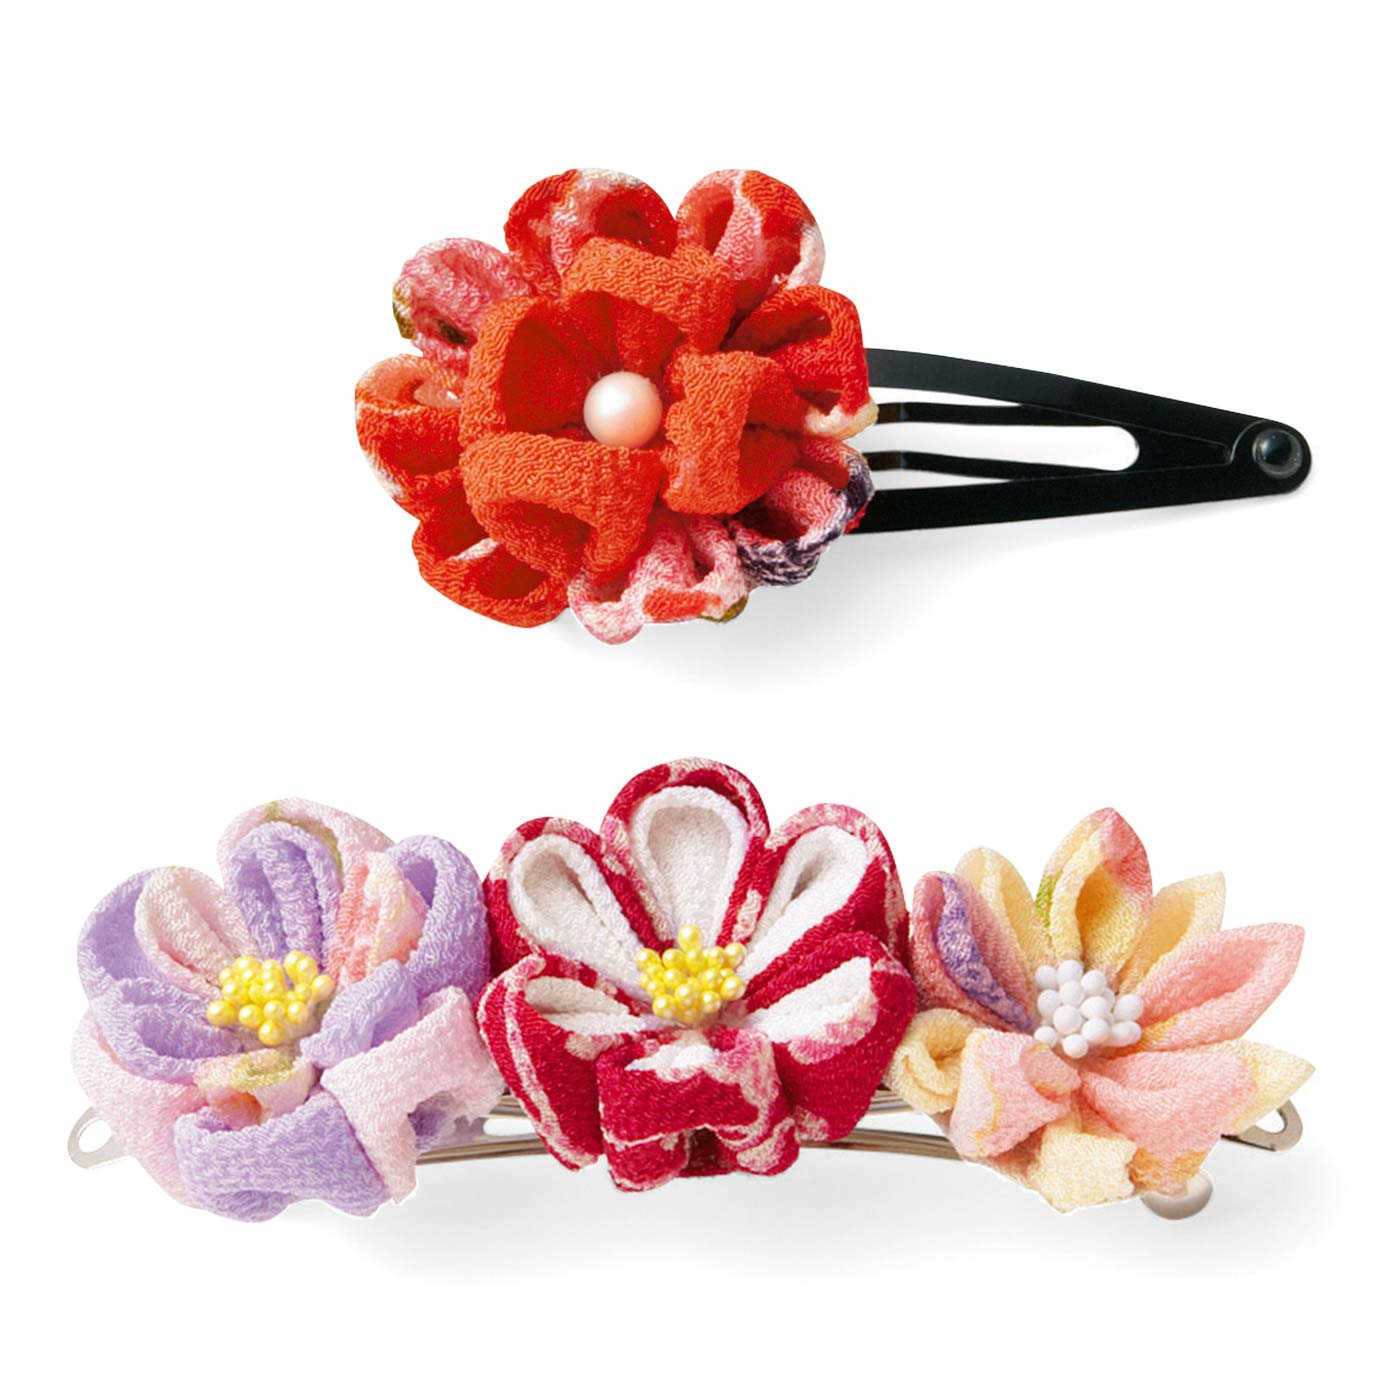 〈小〉のお花はお手持ちのピンやバレッタに付けてアレンジも可能。